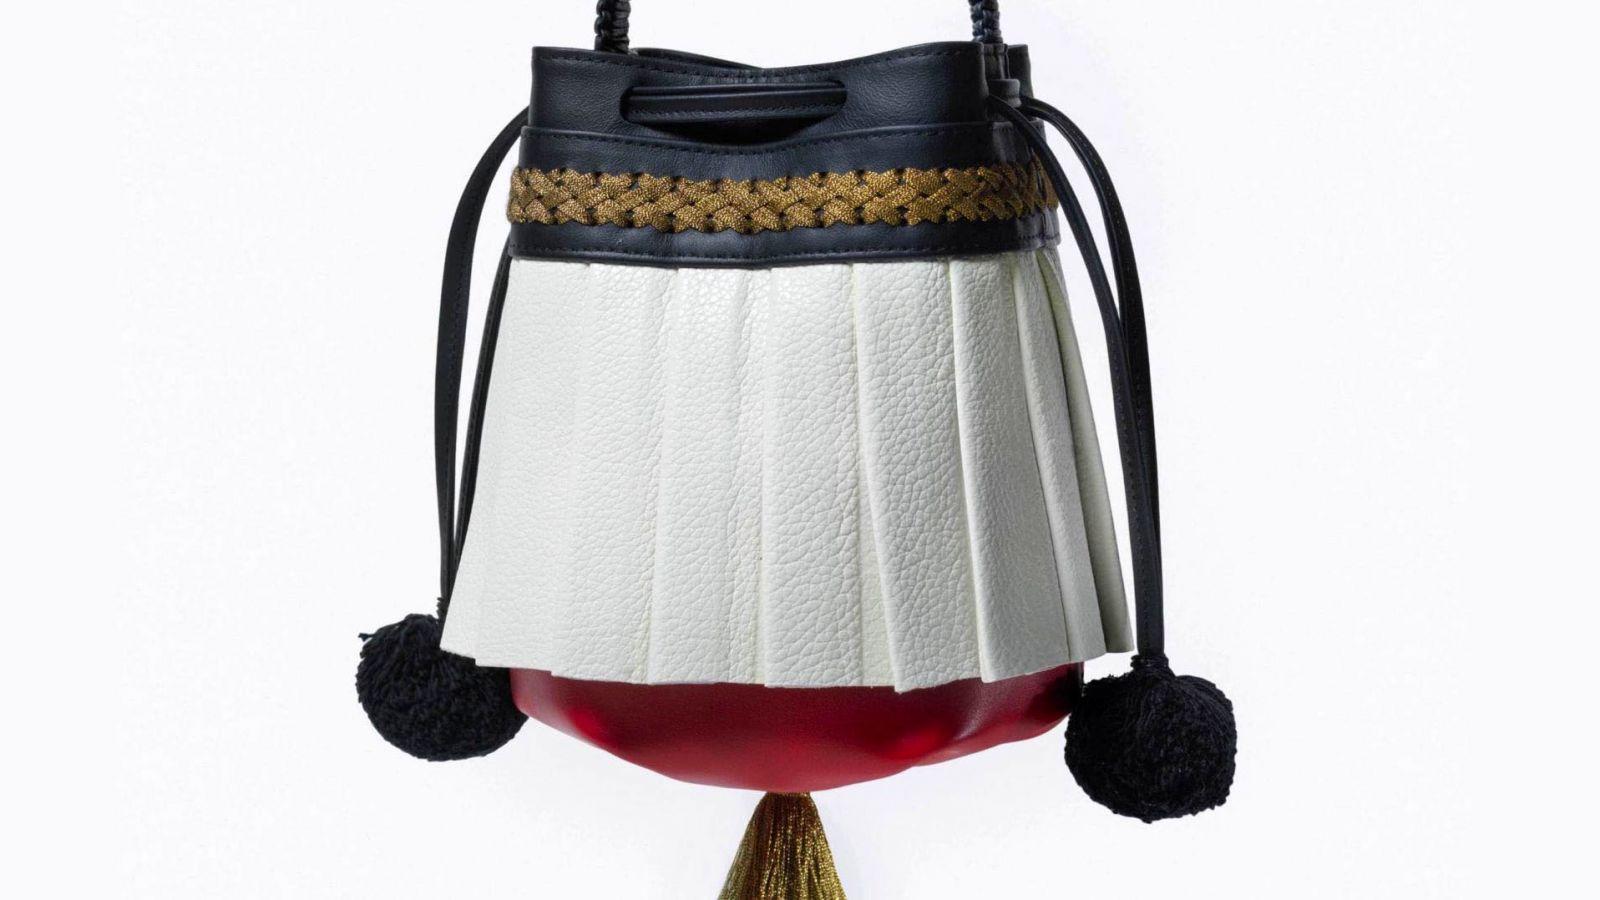 Callista Crafts: Mια κομψή τσάντα που θυμίζει επανάσταση – Επετειακή για τα 200 χρόνια από το 1821